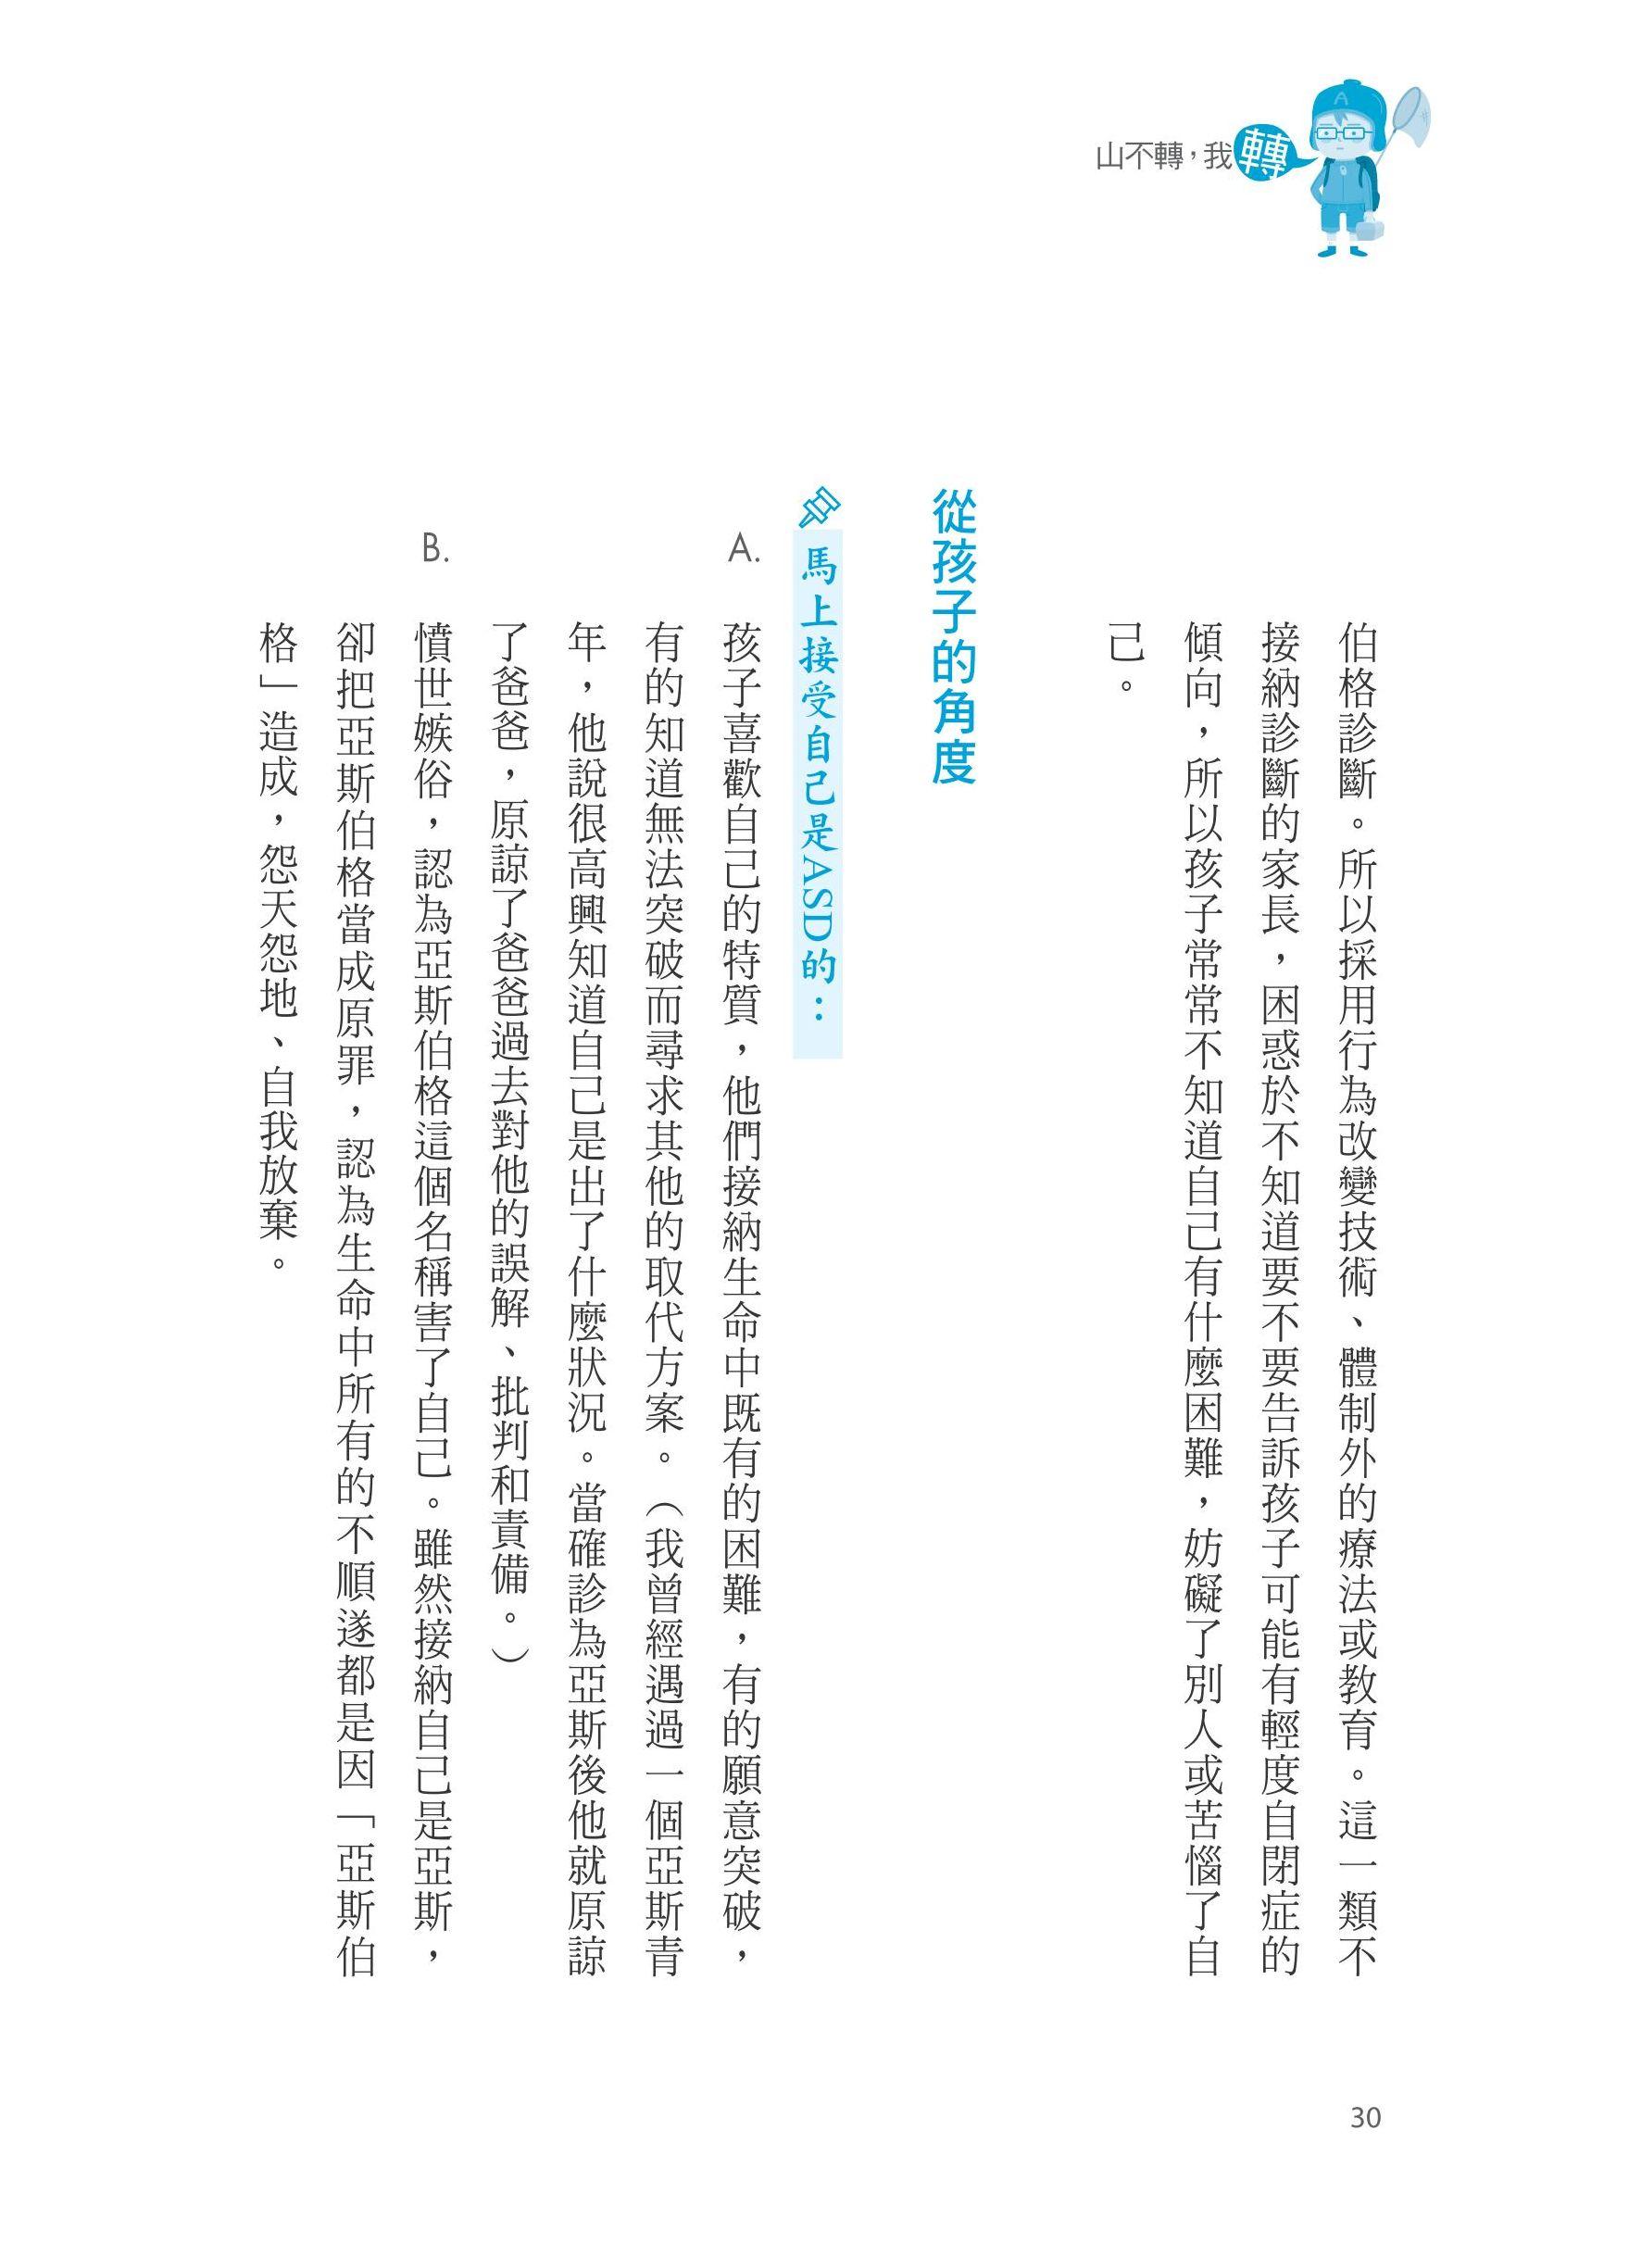 http://im2.book.com.tw/image/getImage?i=http://www.books.com.tw/img/001/070/14/0010701462_b_05.jpg&v=567a861d&w=655&h=609